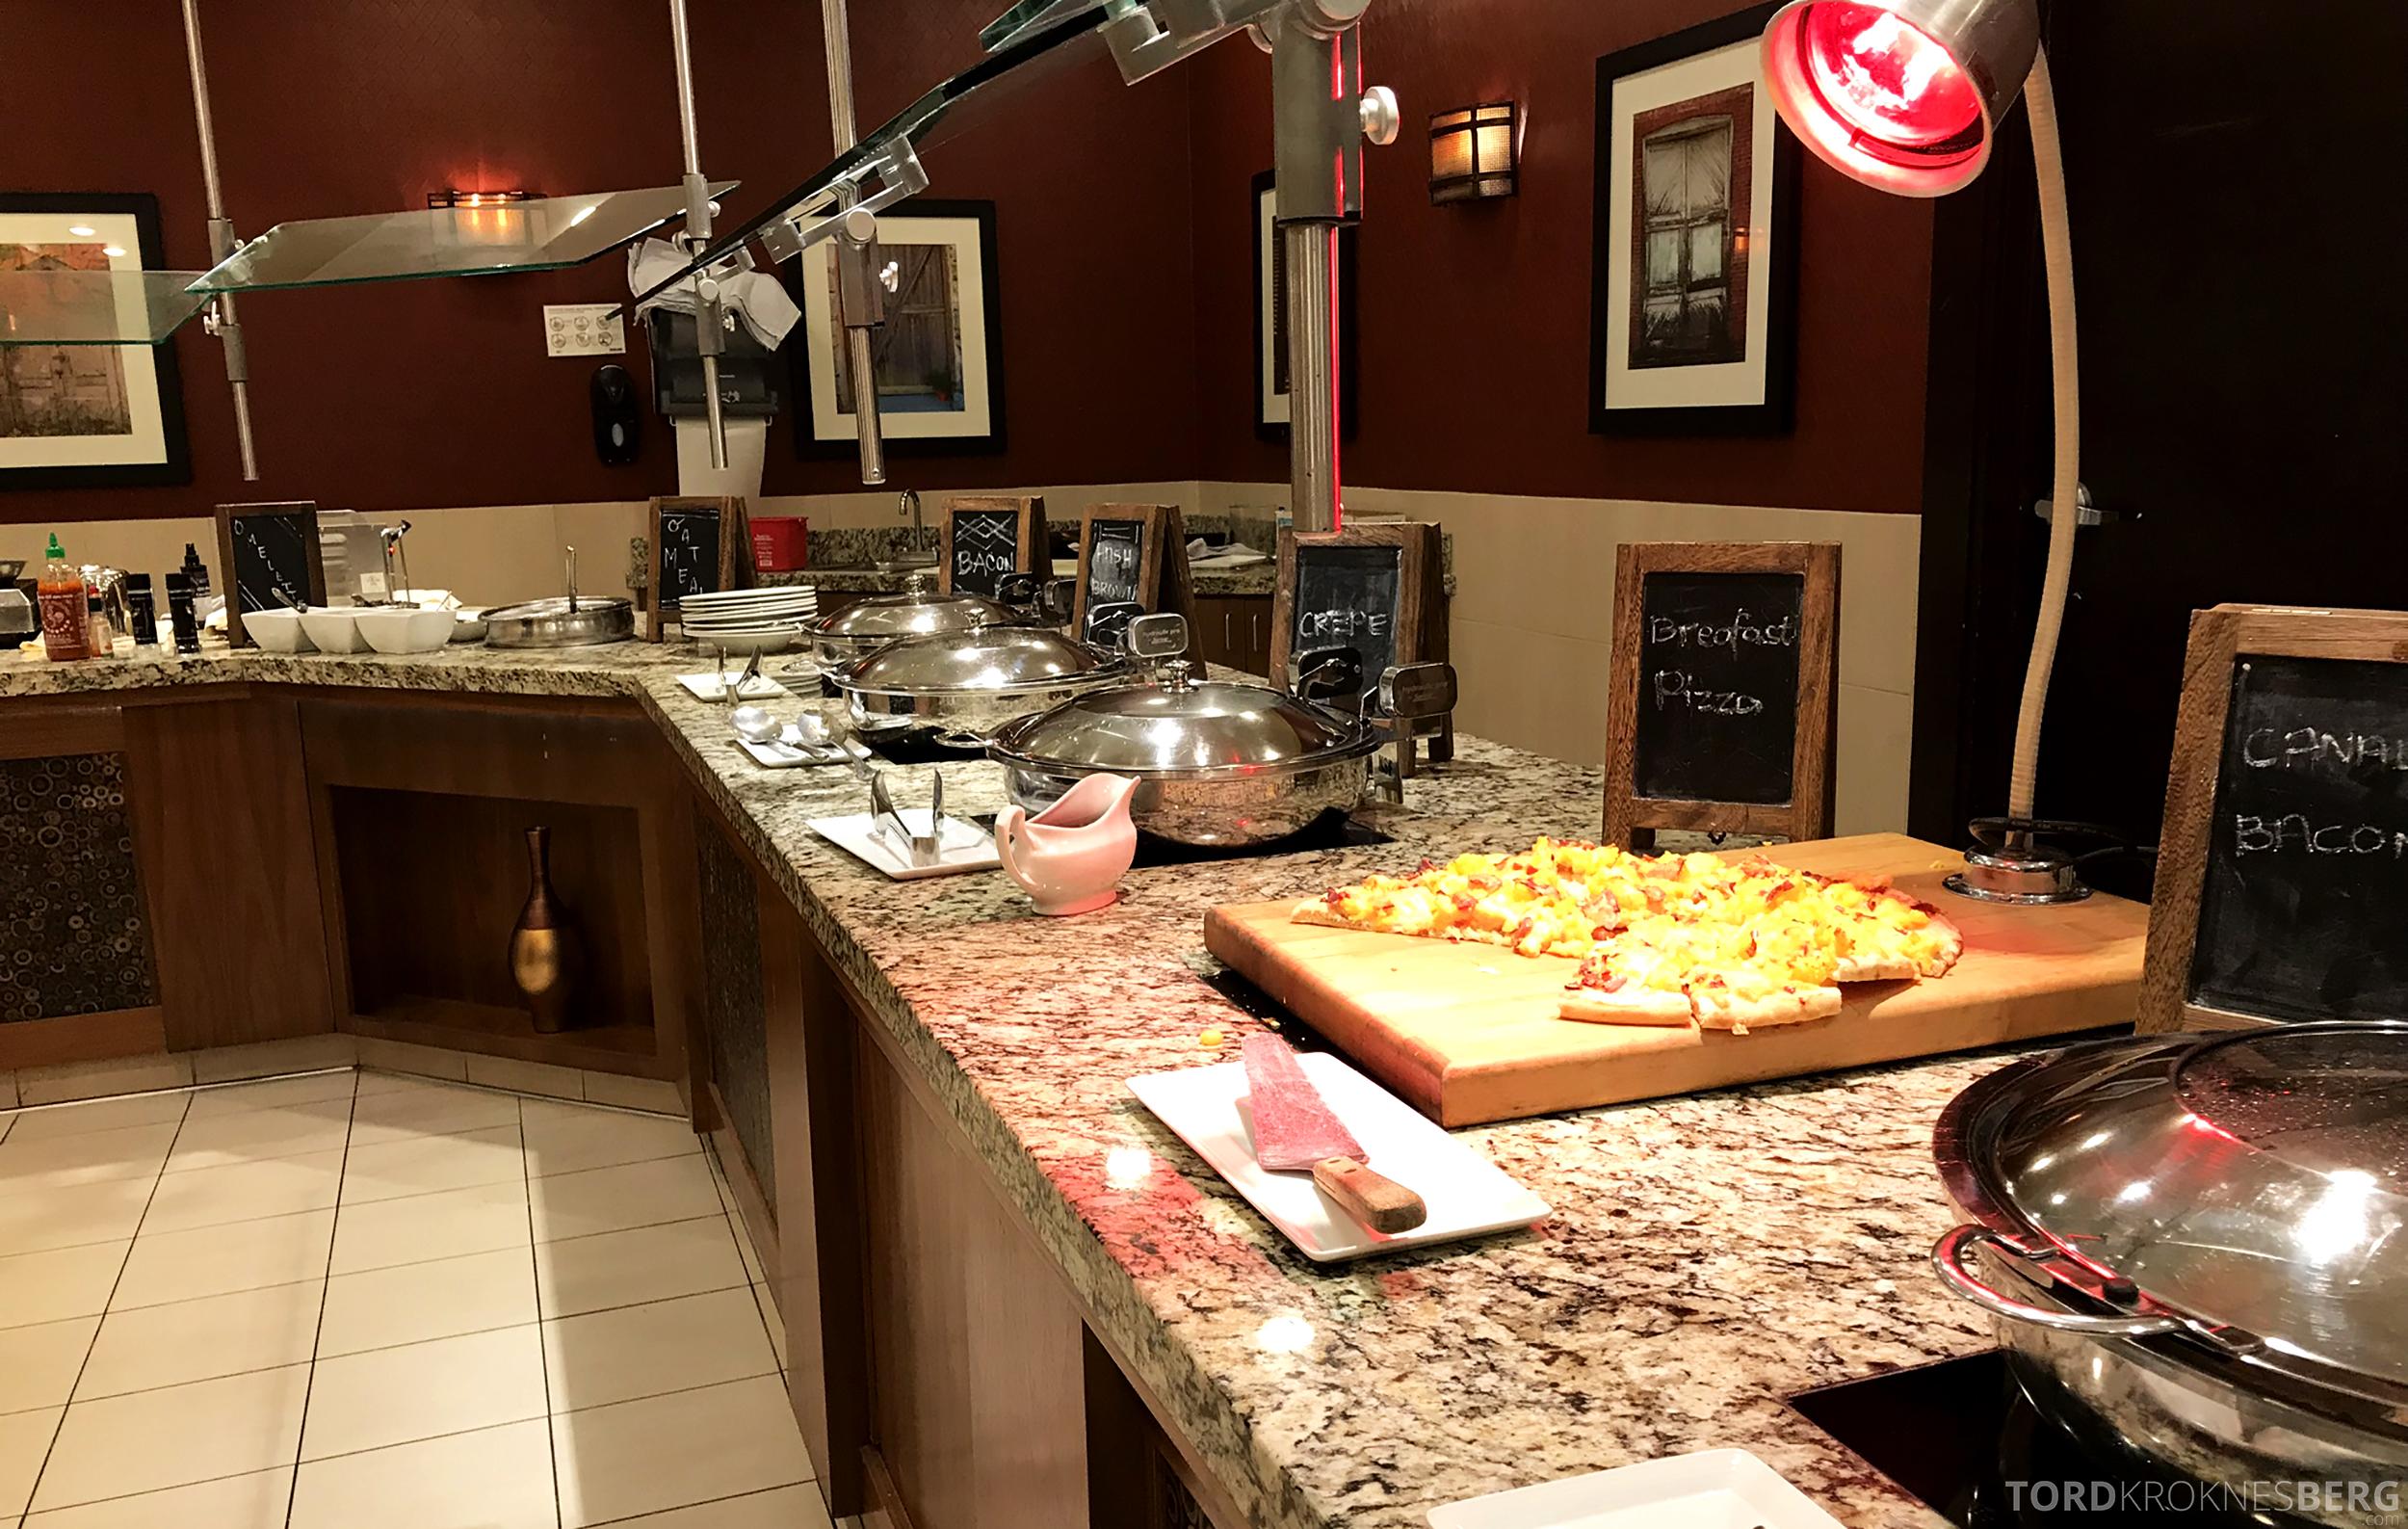 Marriott Bloomington Hotel varmmat frokost